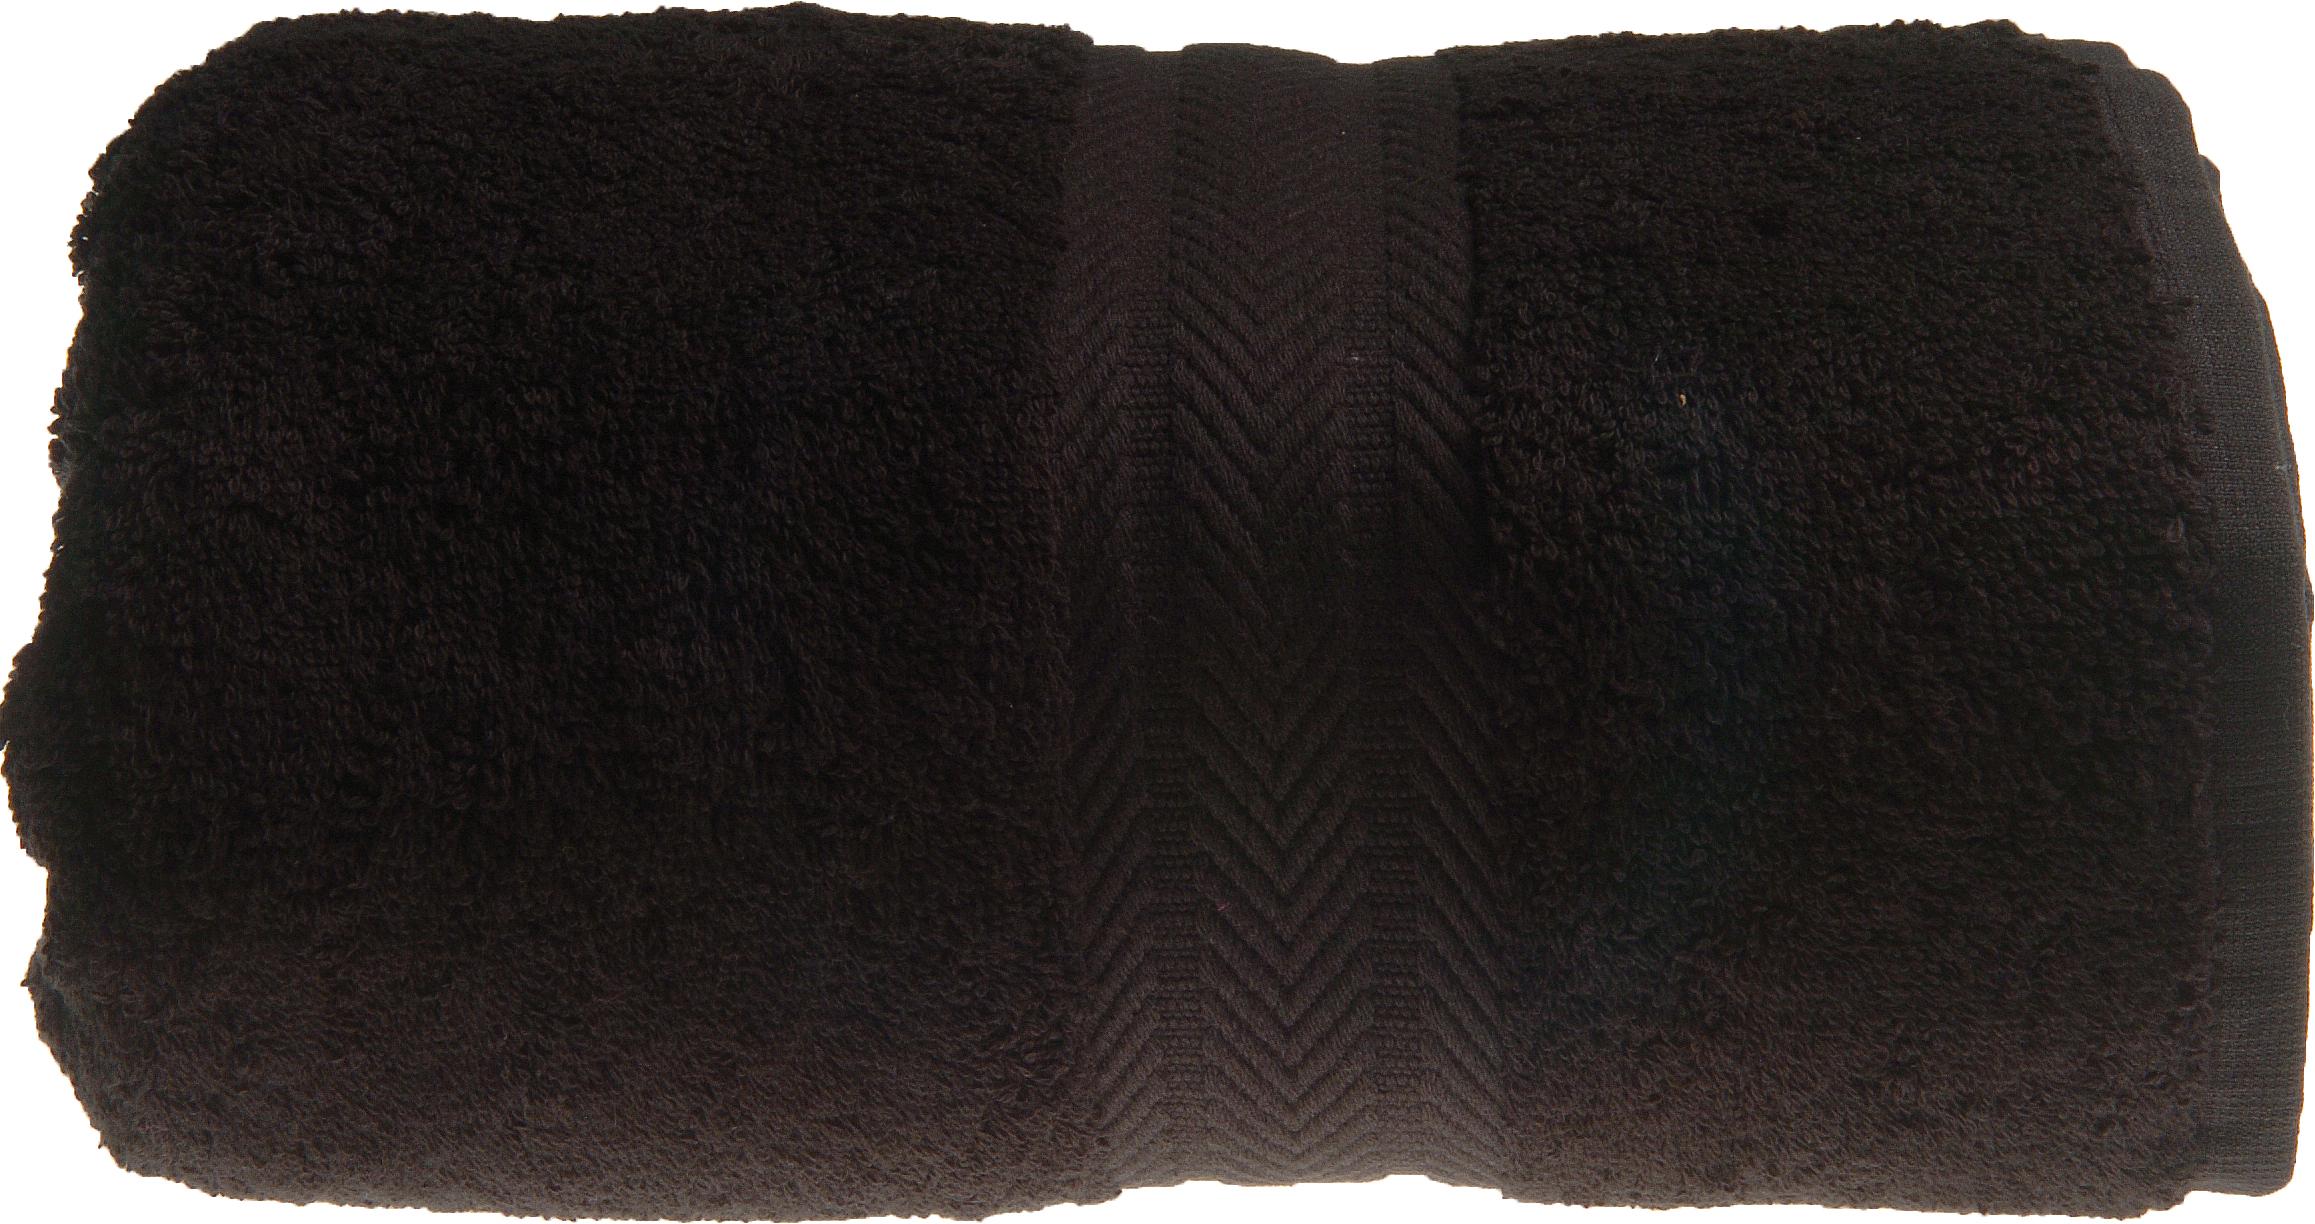 Serviette De Toilette 50 X 100 Cm En Coton Couleur Noir Noir